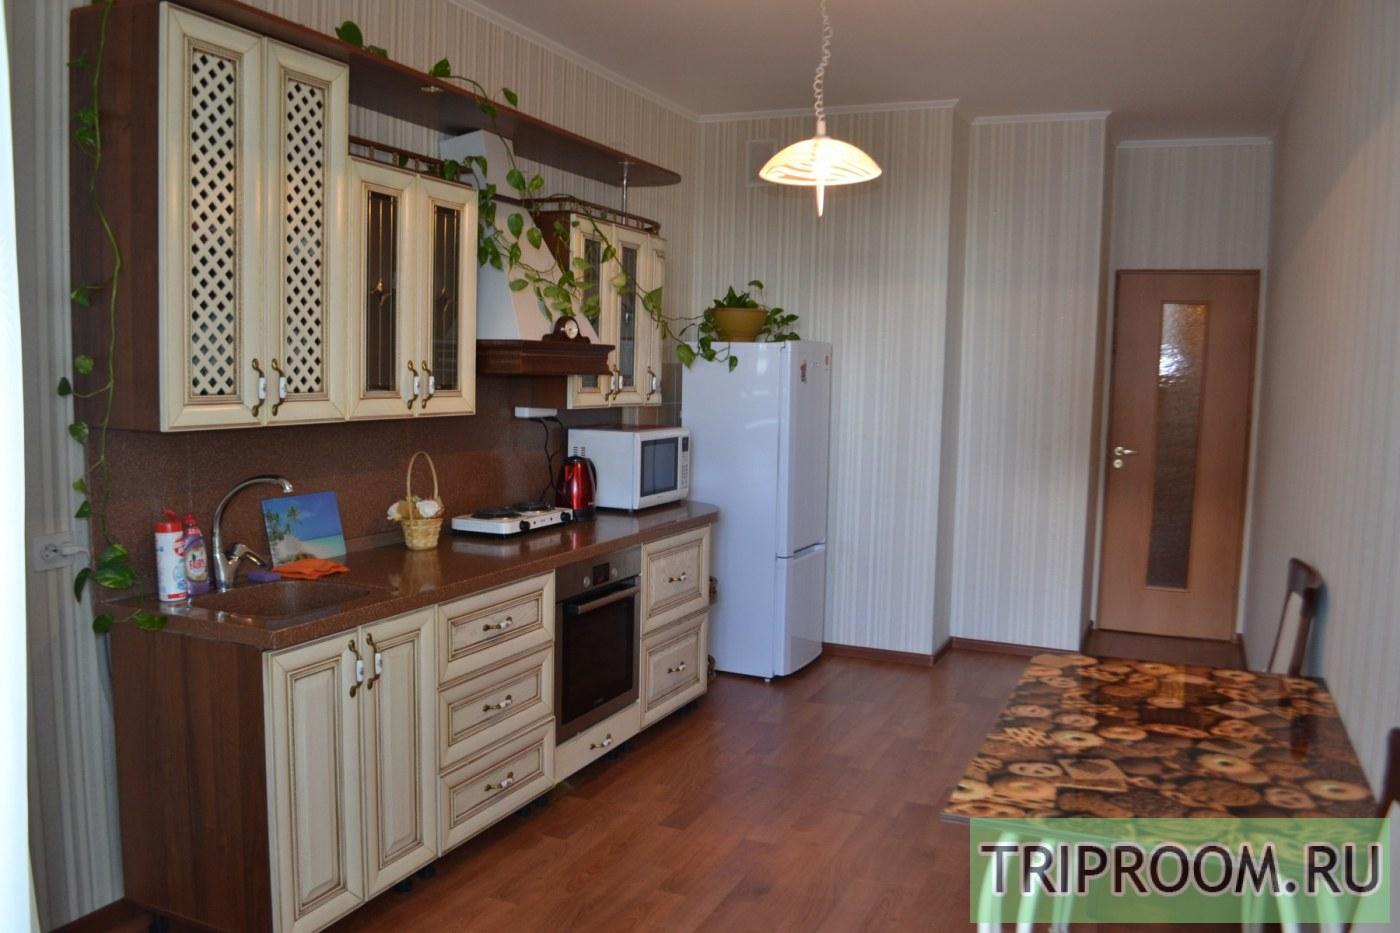 1-комнатная квартира посуточно (вариант № 39023), ул. Беляева улица, фото № 2